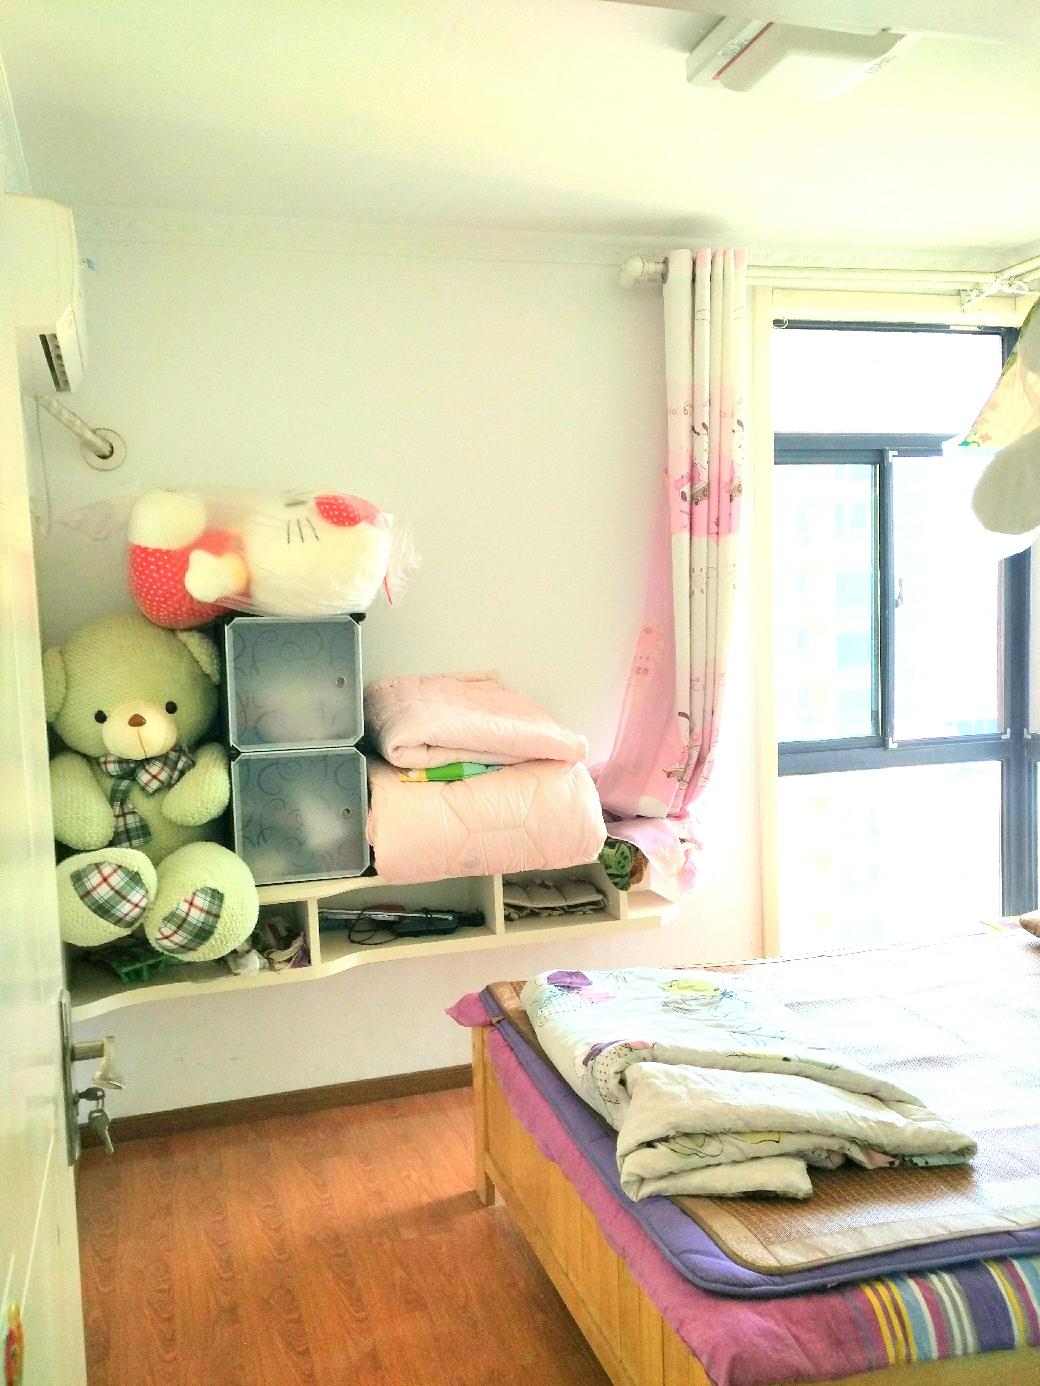 D壹街区3室2厅普通装修急售